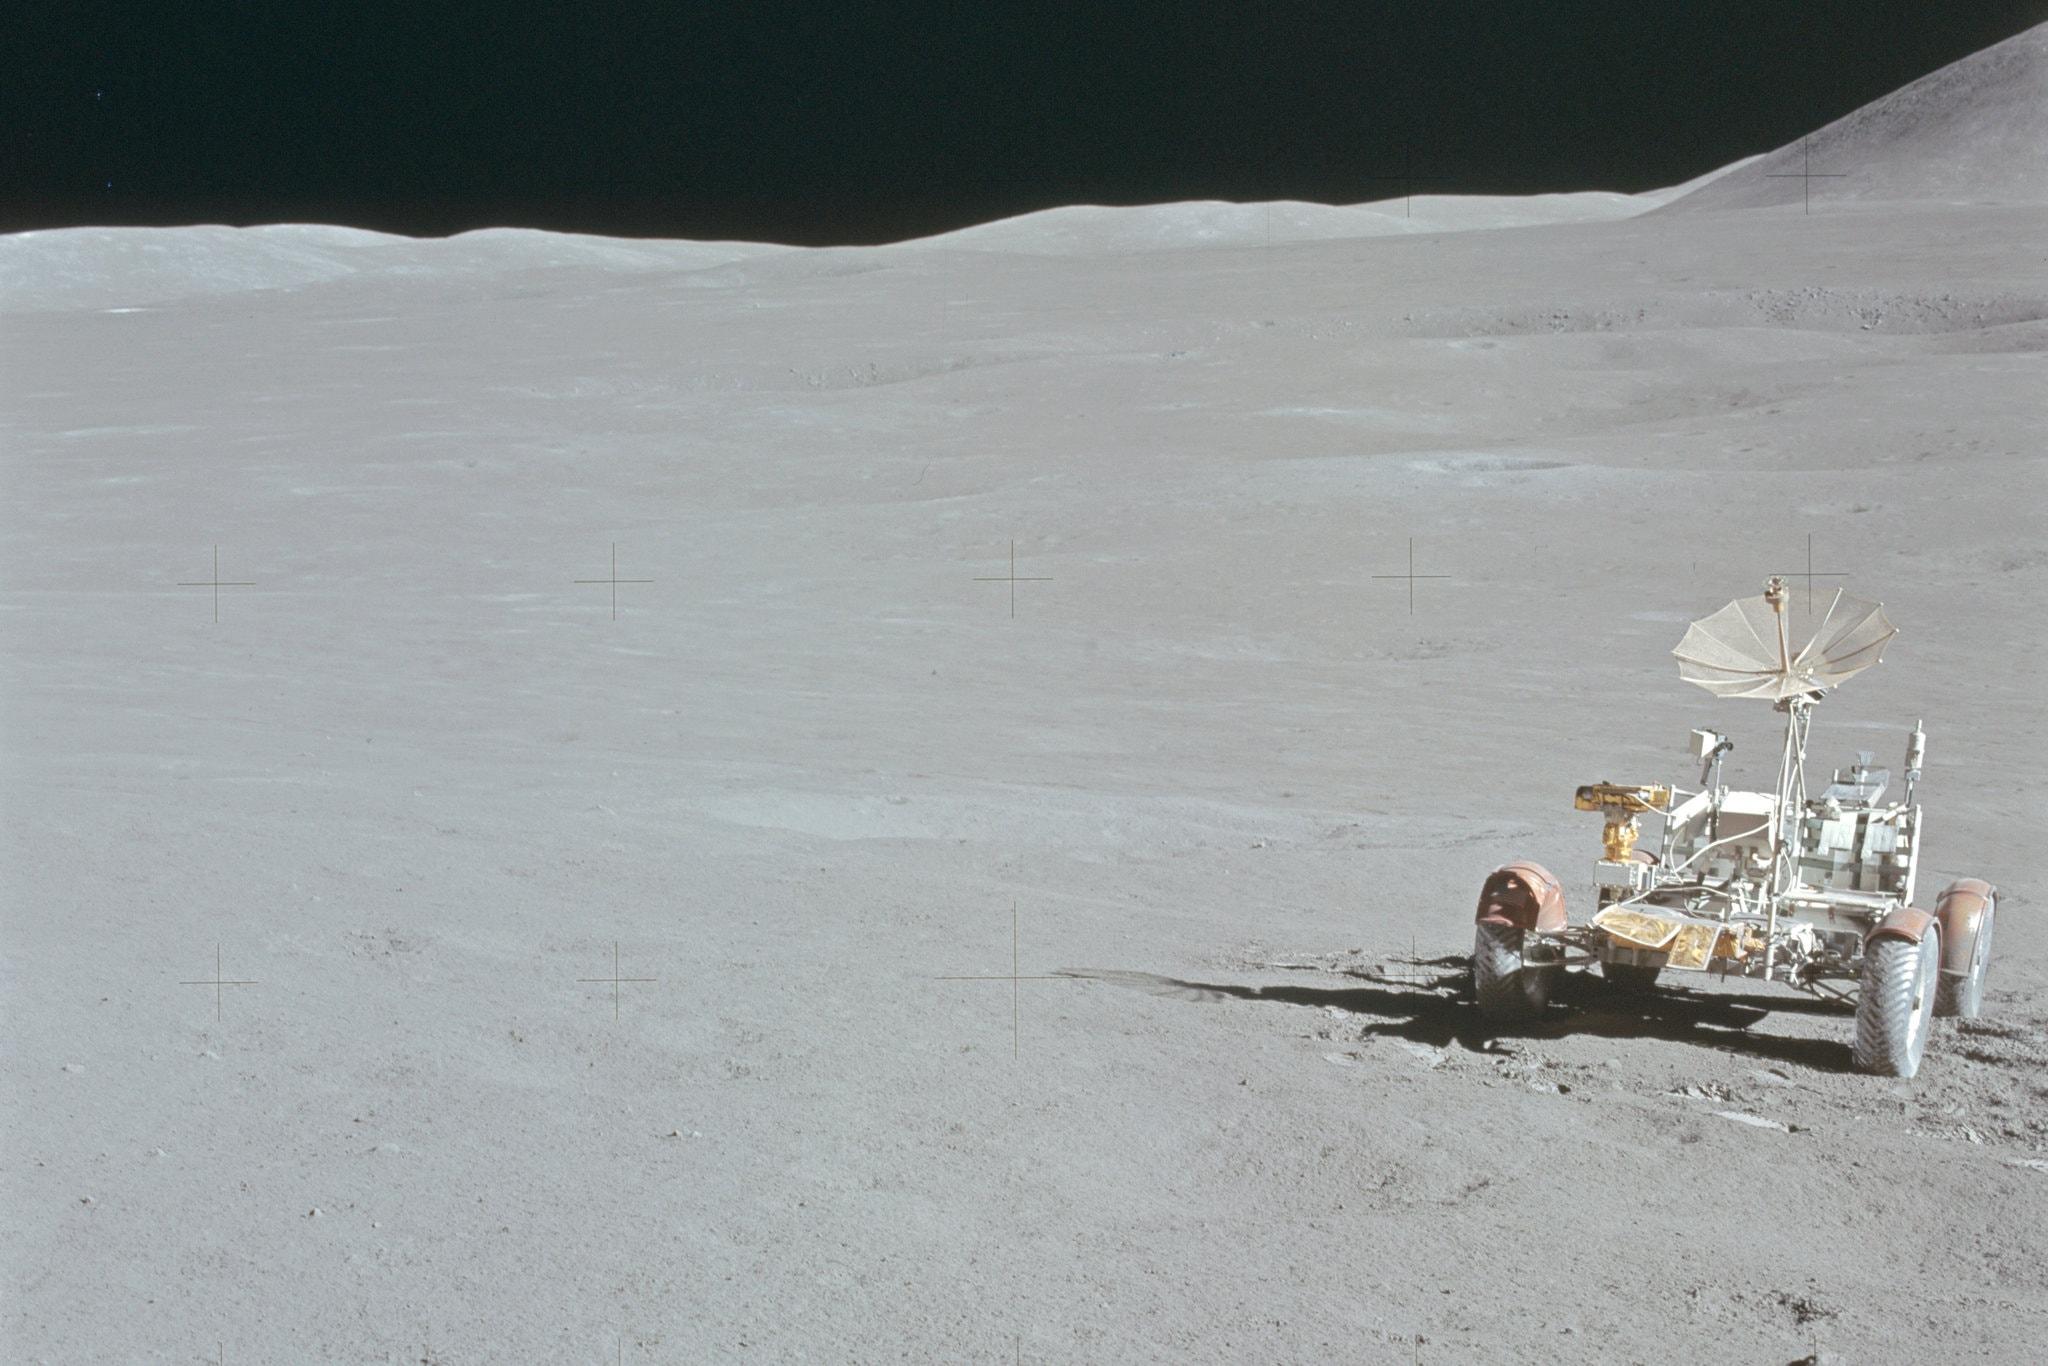 Σεληνιακό ρόβερ που άφησε πίσω της η αποστολή Apollo 15 το 1971.